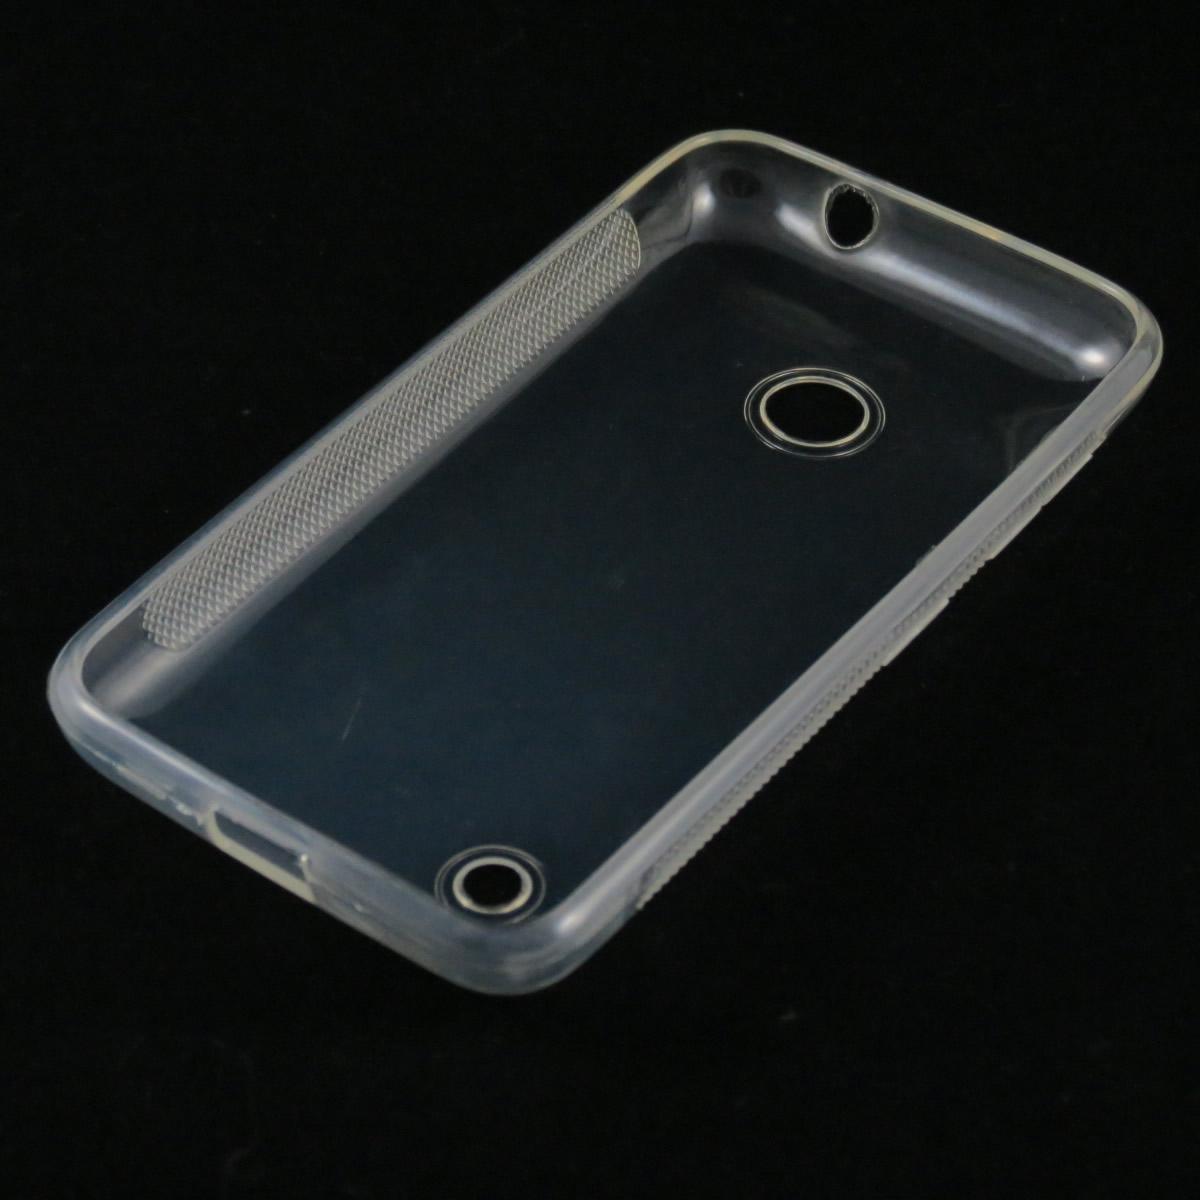 Capa Nokia Lumia 530 - Transparente Silicone TPU